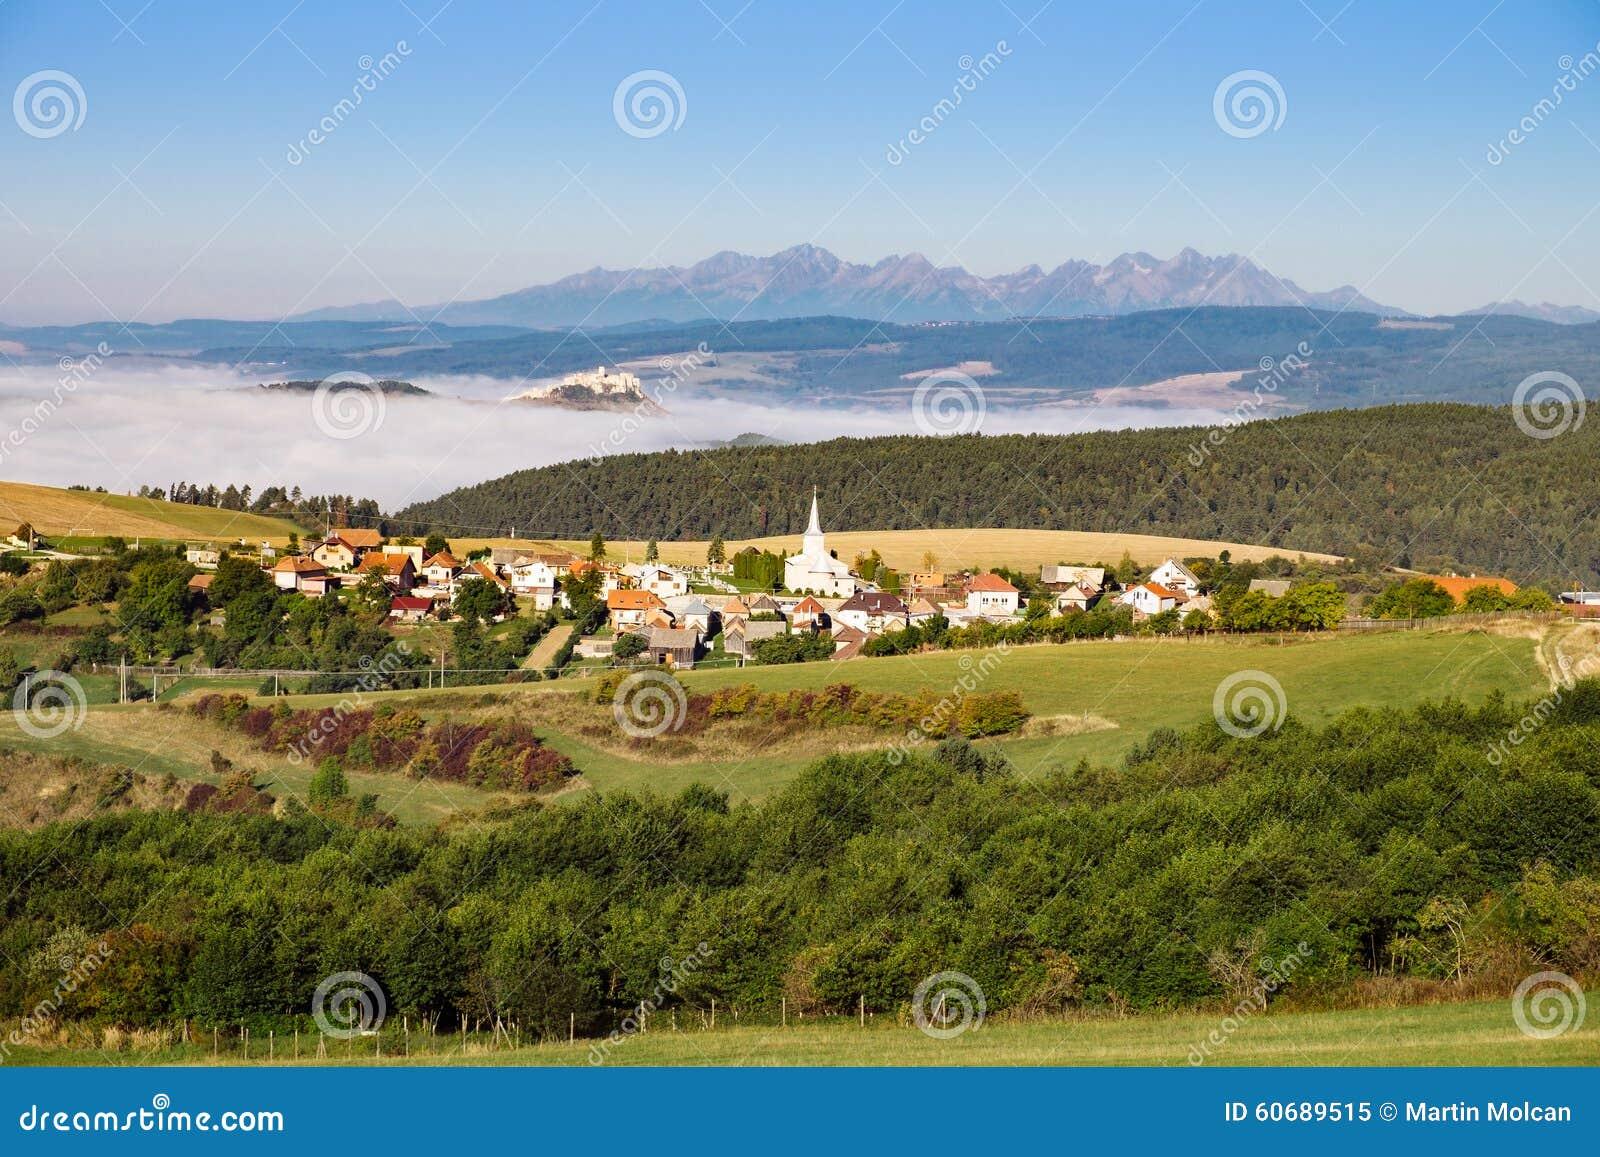 Szenische Ansicht des traditionellen Dorfs, des Schlosses, der Wiesen und des Berges